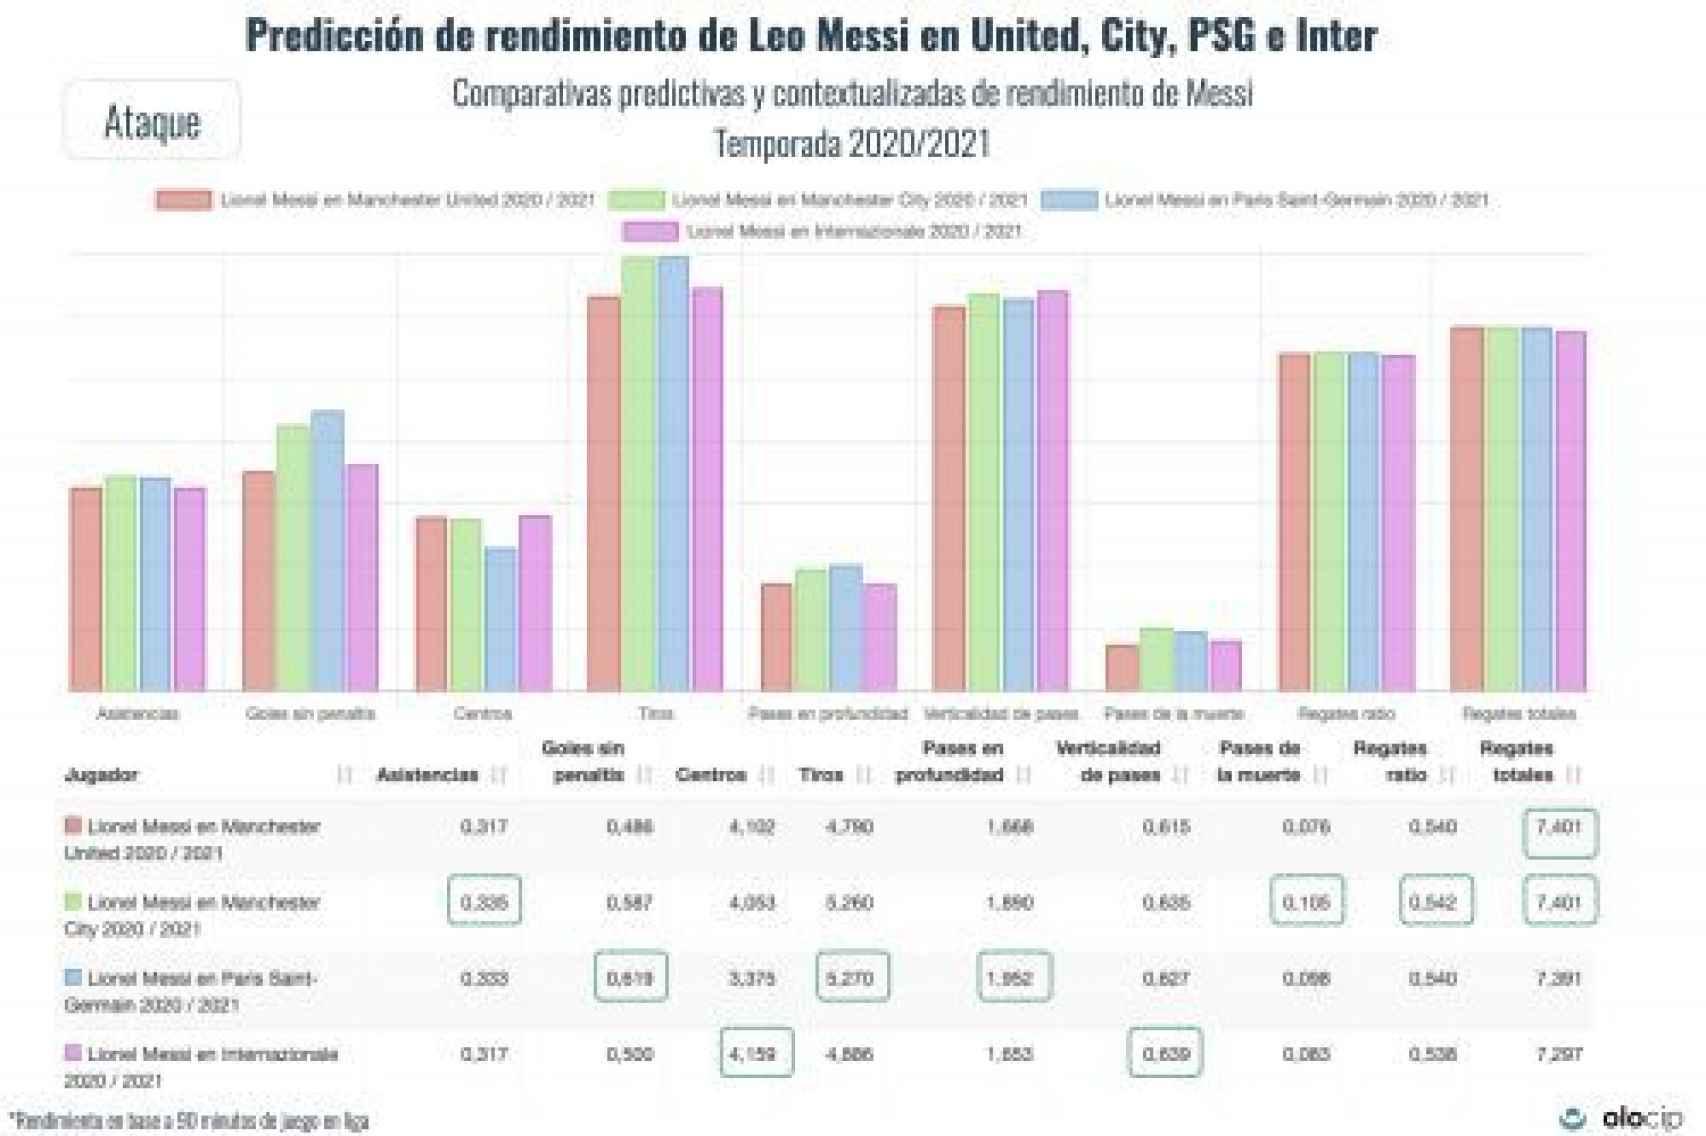 El rendimiento de Messi en ataque jugando en Manchester United, Manchester City, PSG e Inter de Milán, predecido por el sistema de Olocip